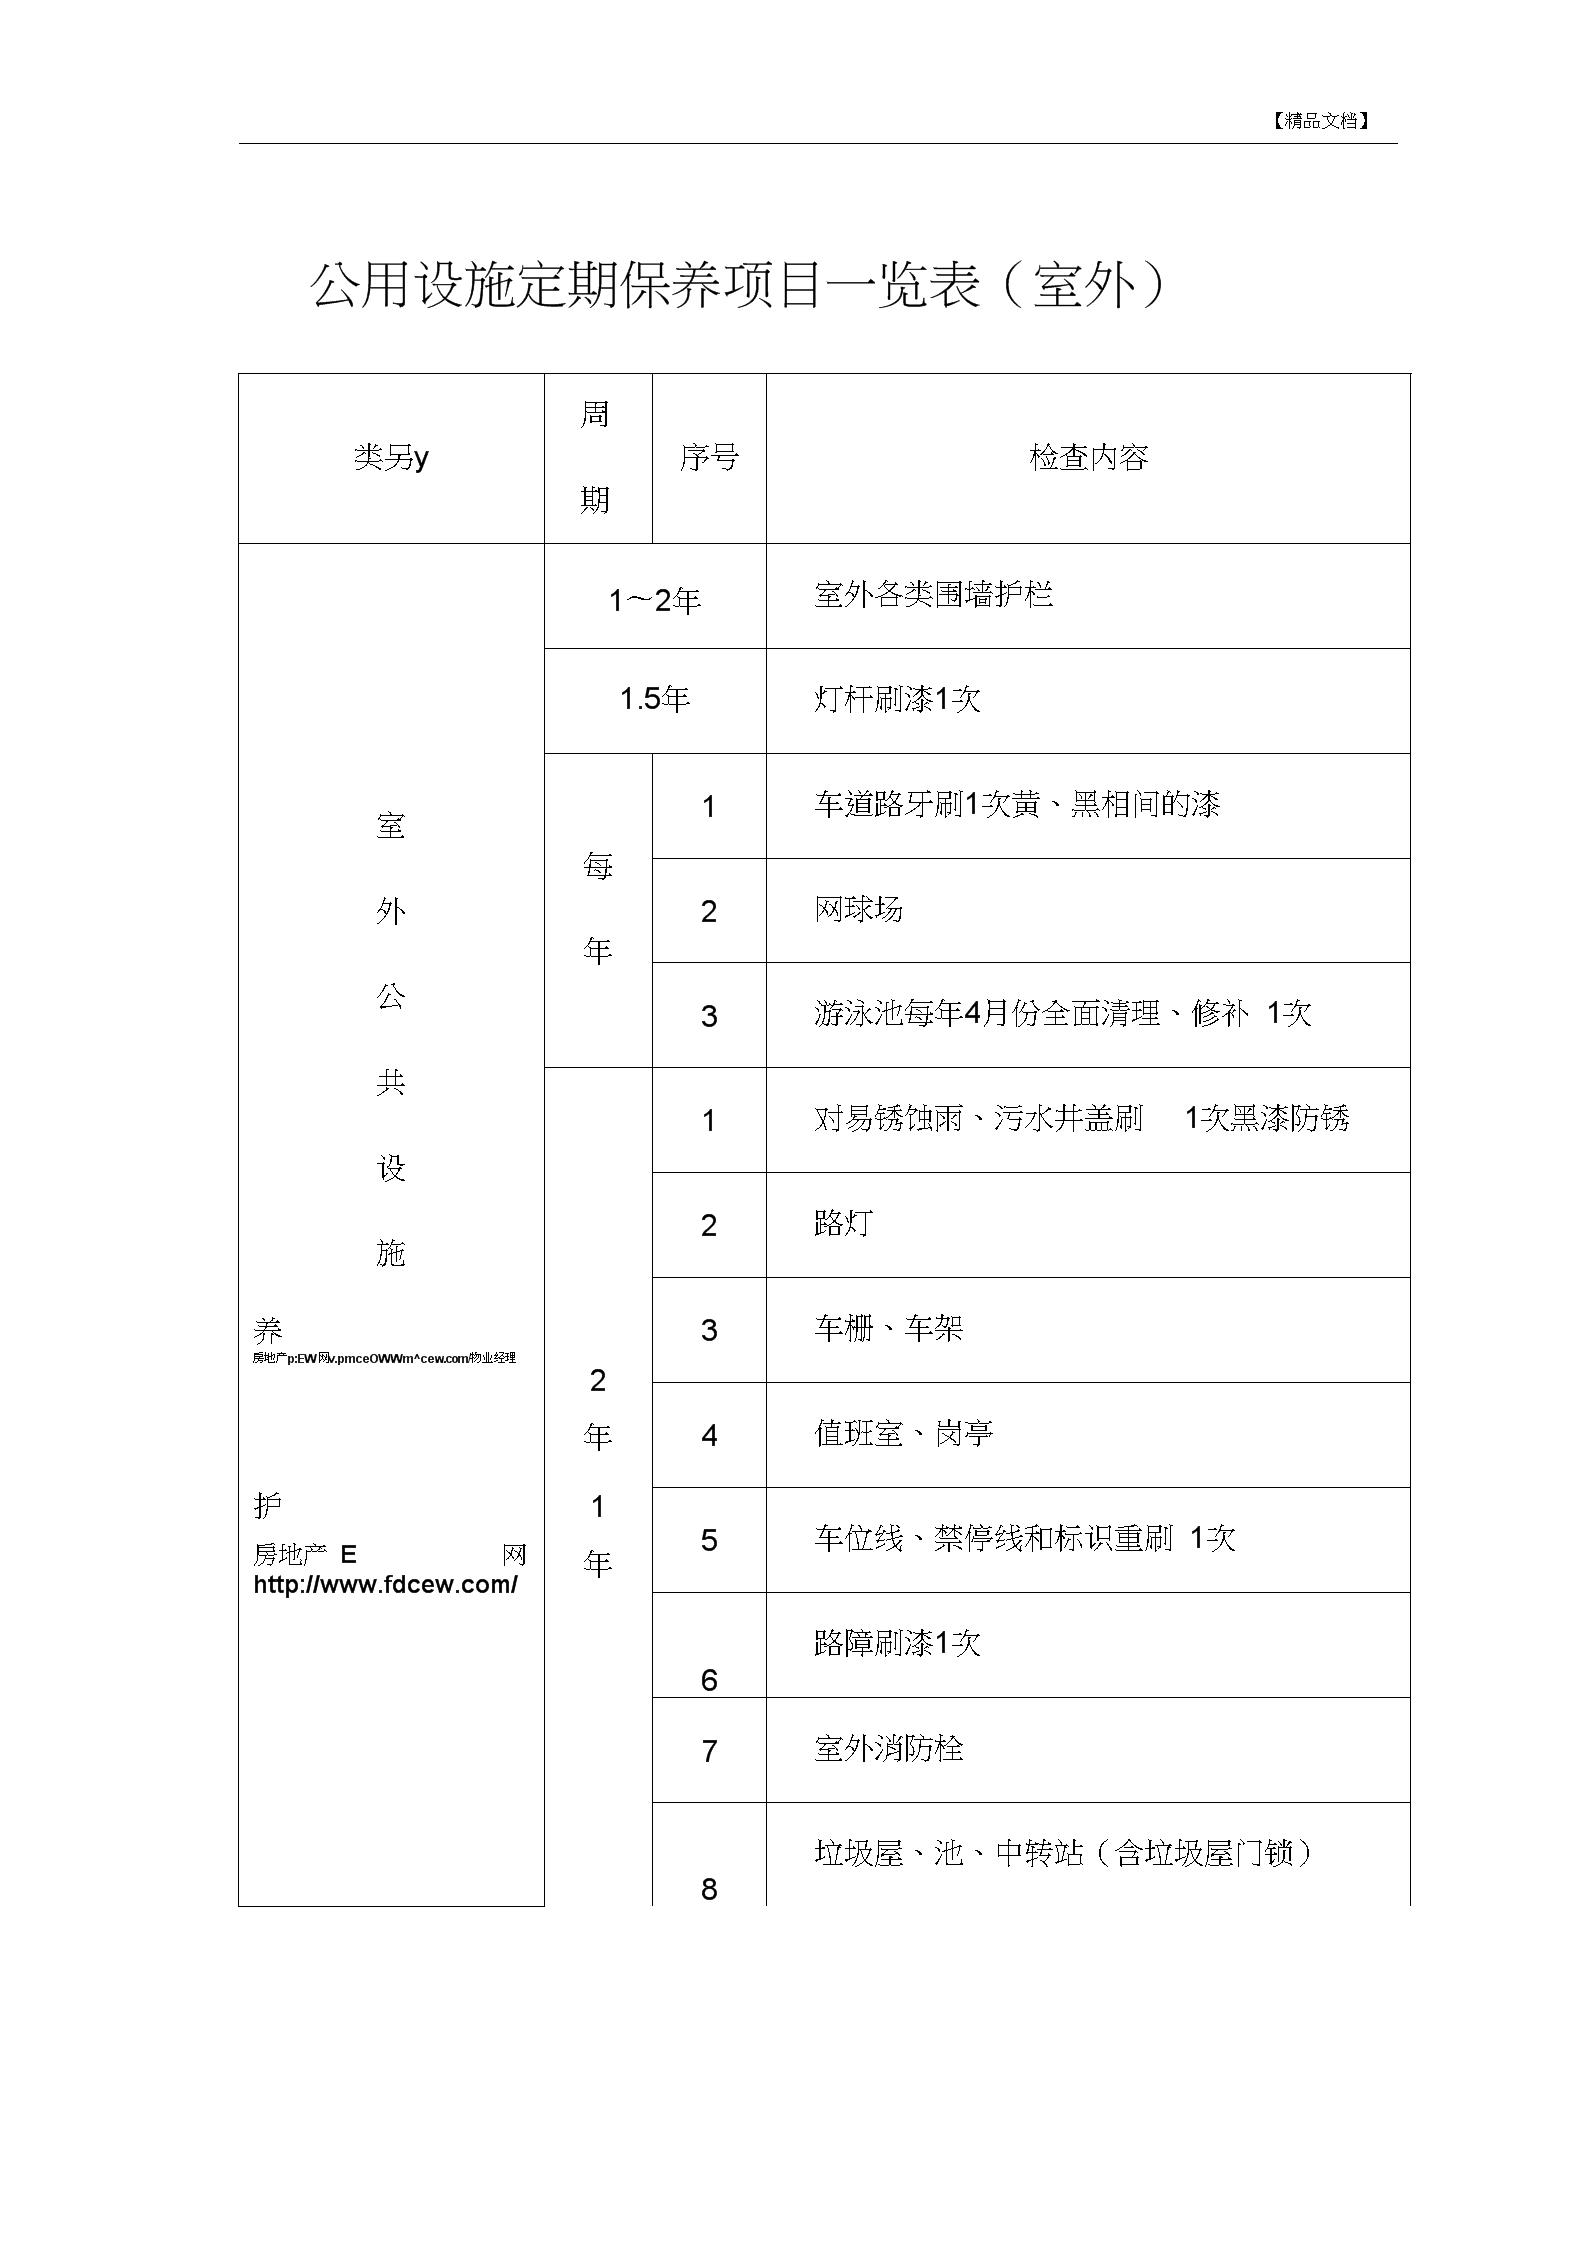 公用设施定期保养项目一览表(室外)0001.docx